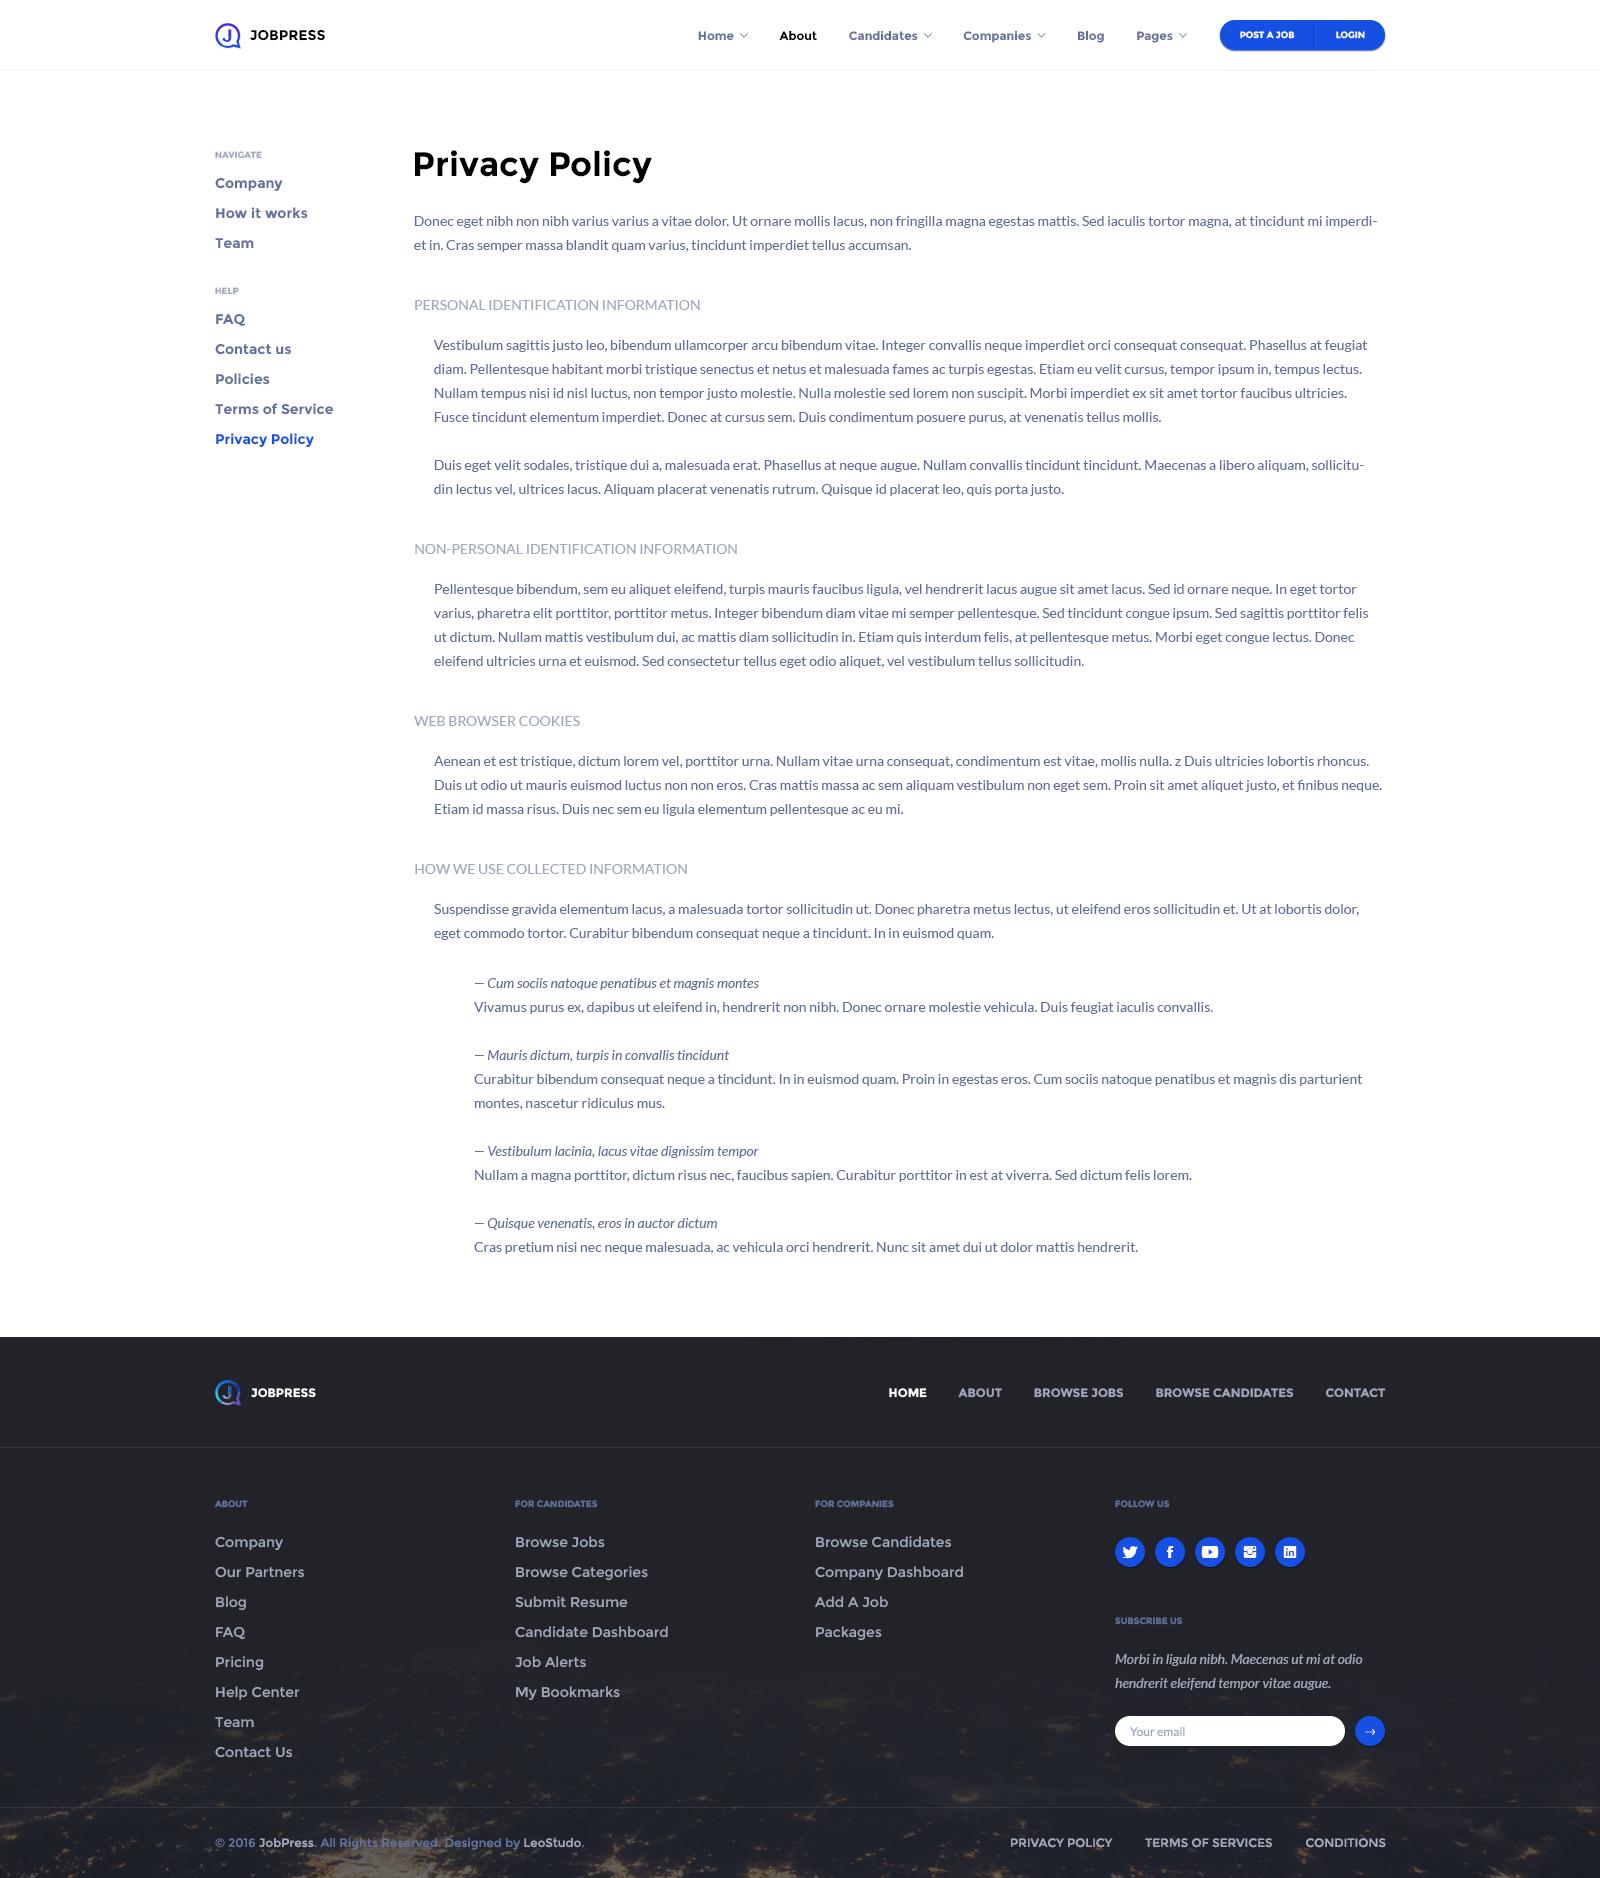 preview07 privacy policyjpg